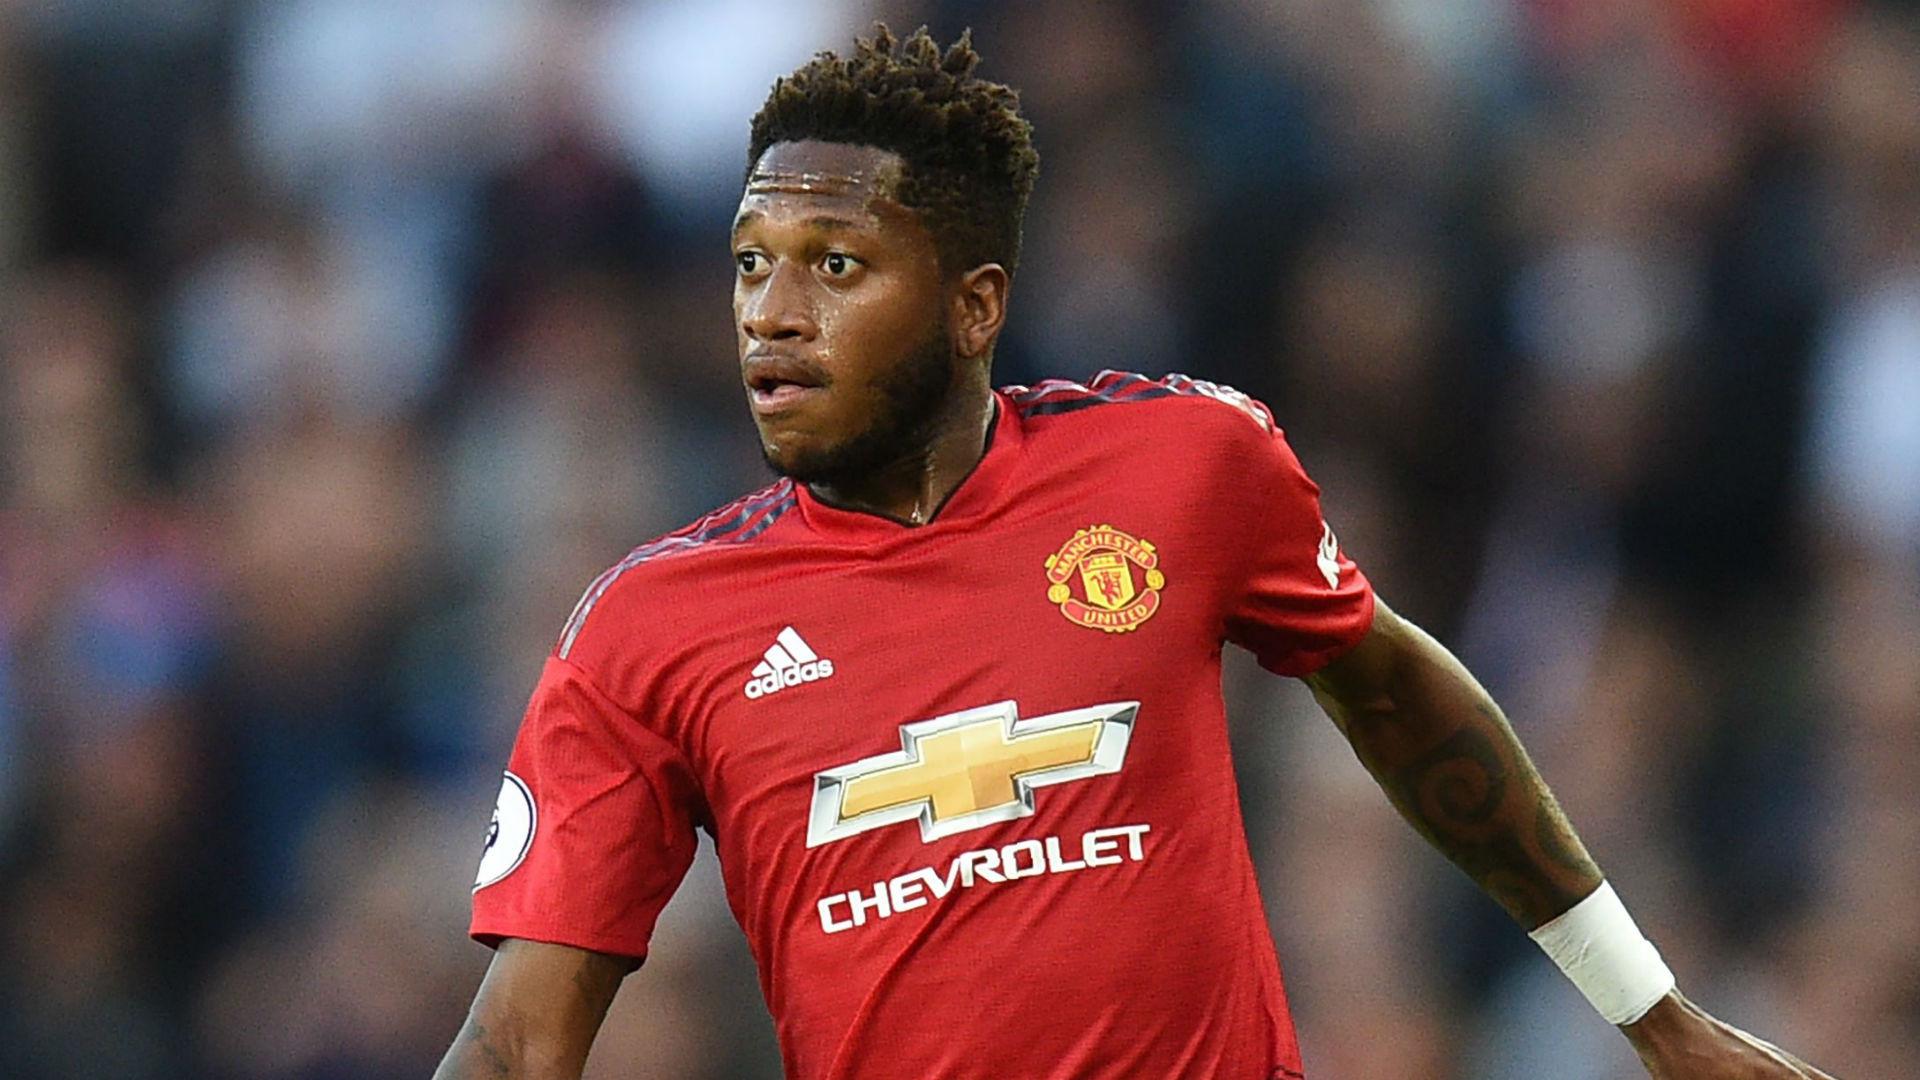 Fred Dinilai Akan Jadi Pemain Penting Manchester United